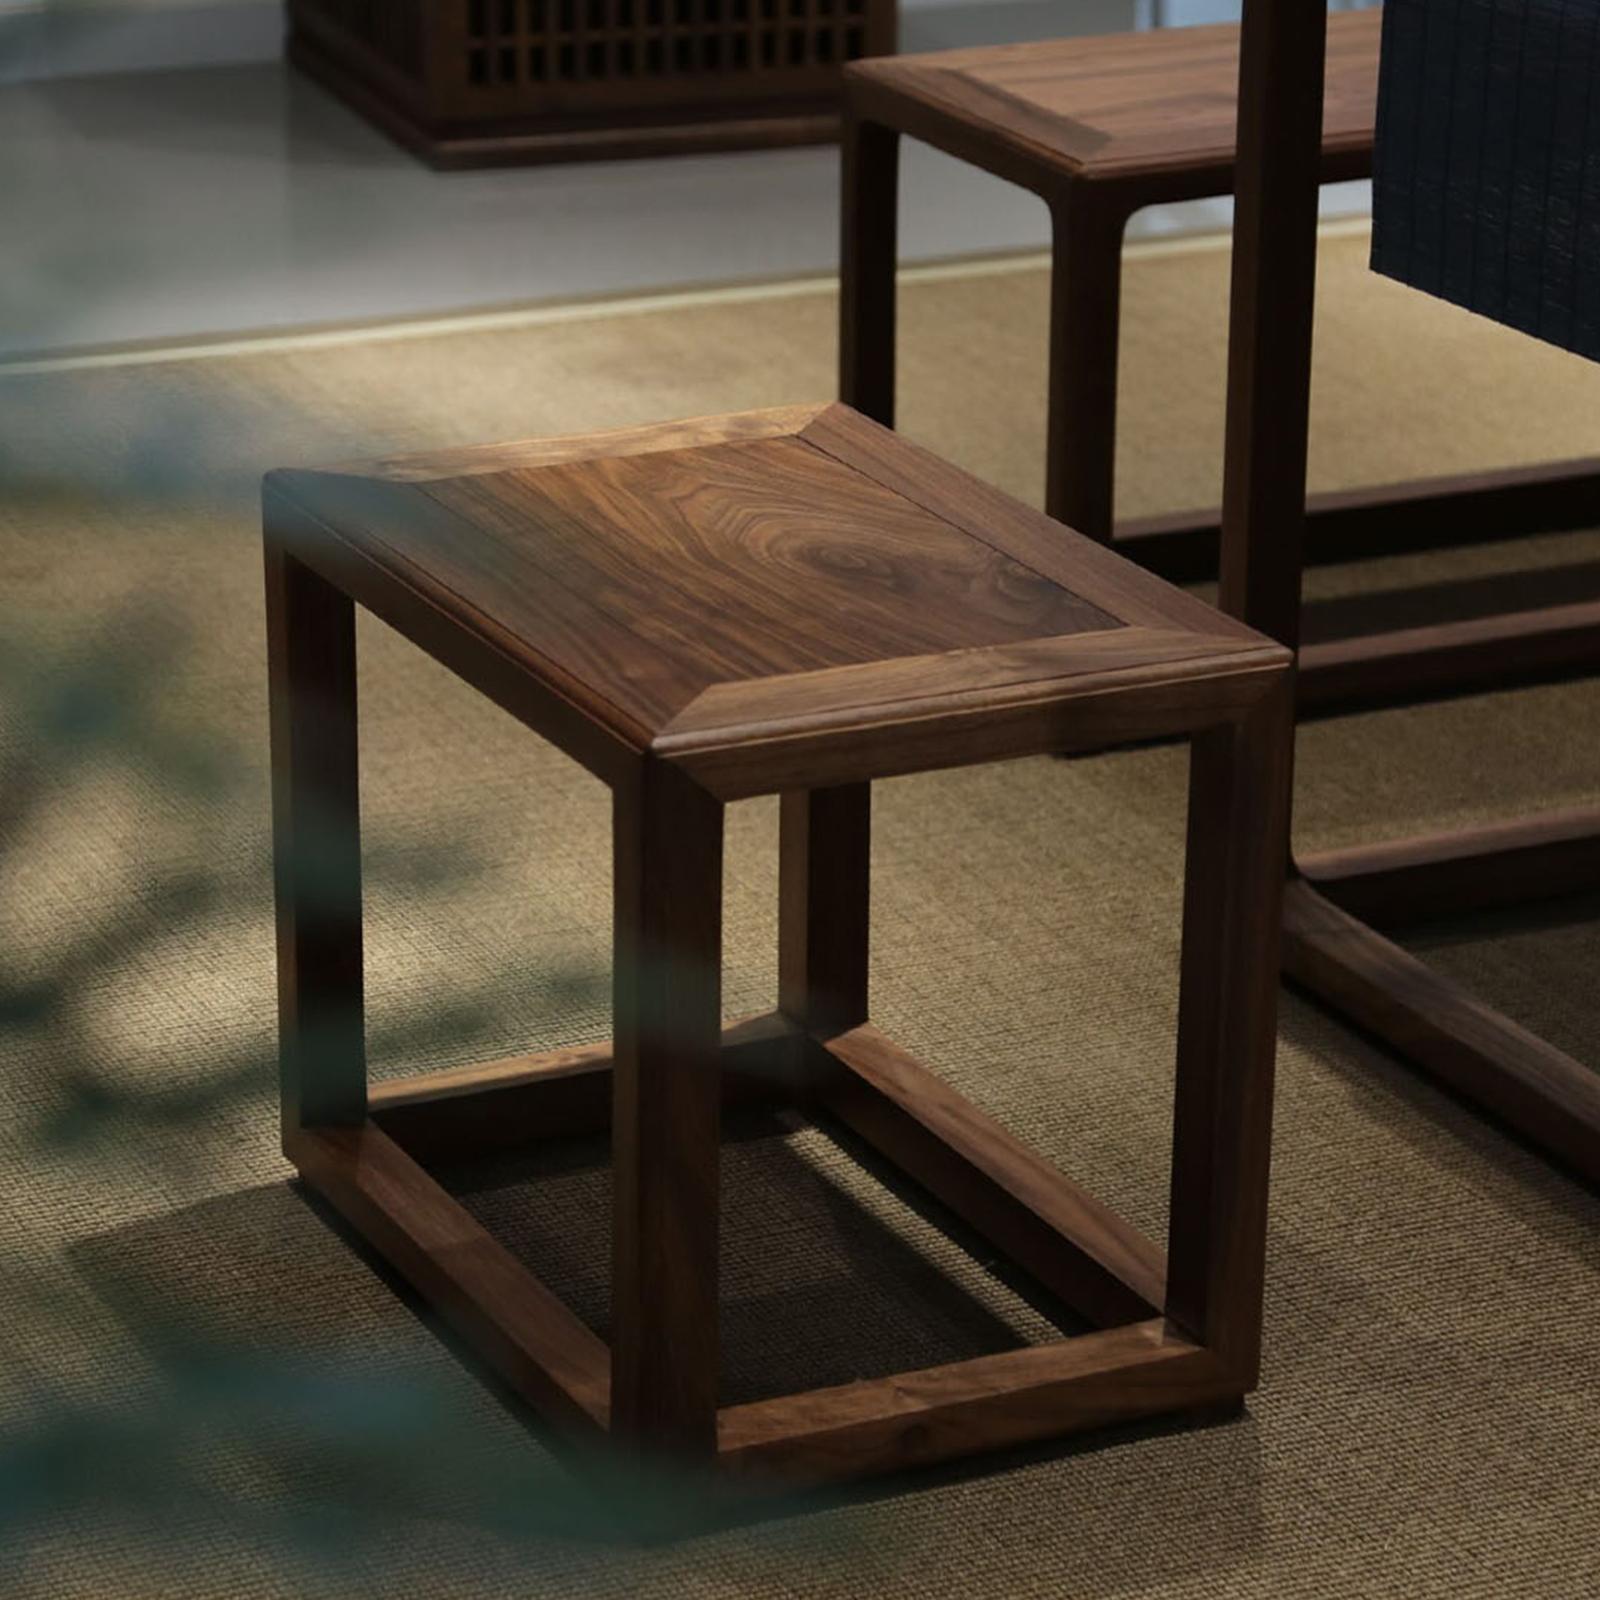 璞木新中式北美黑胡桃茶室小换鞋凳